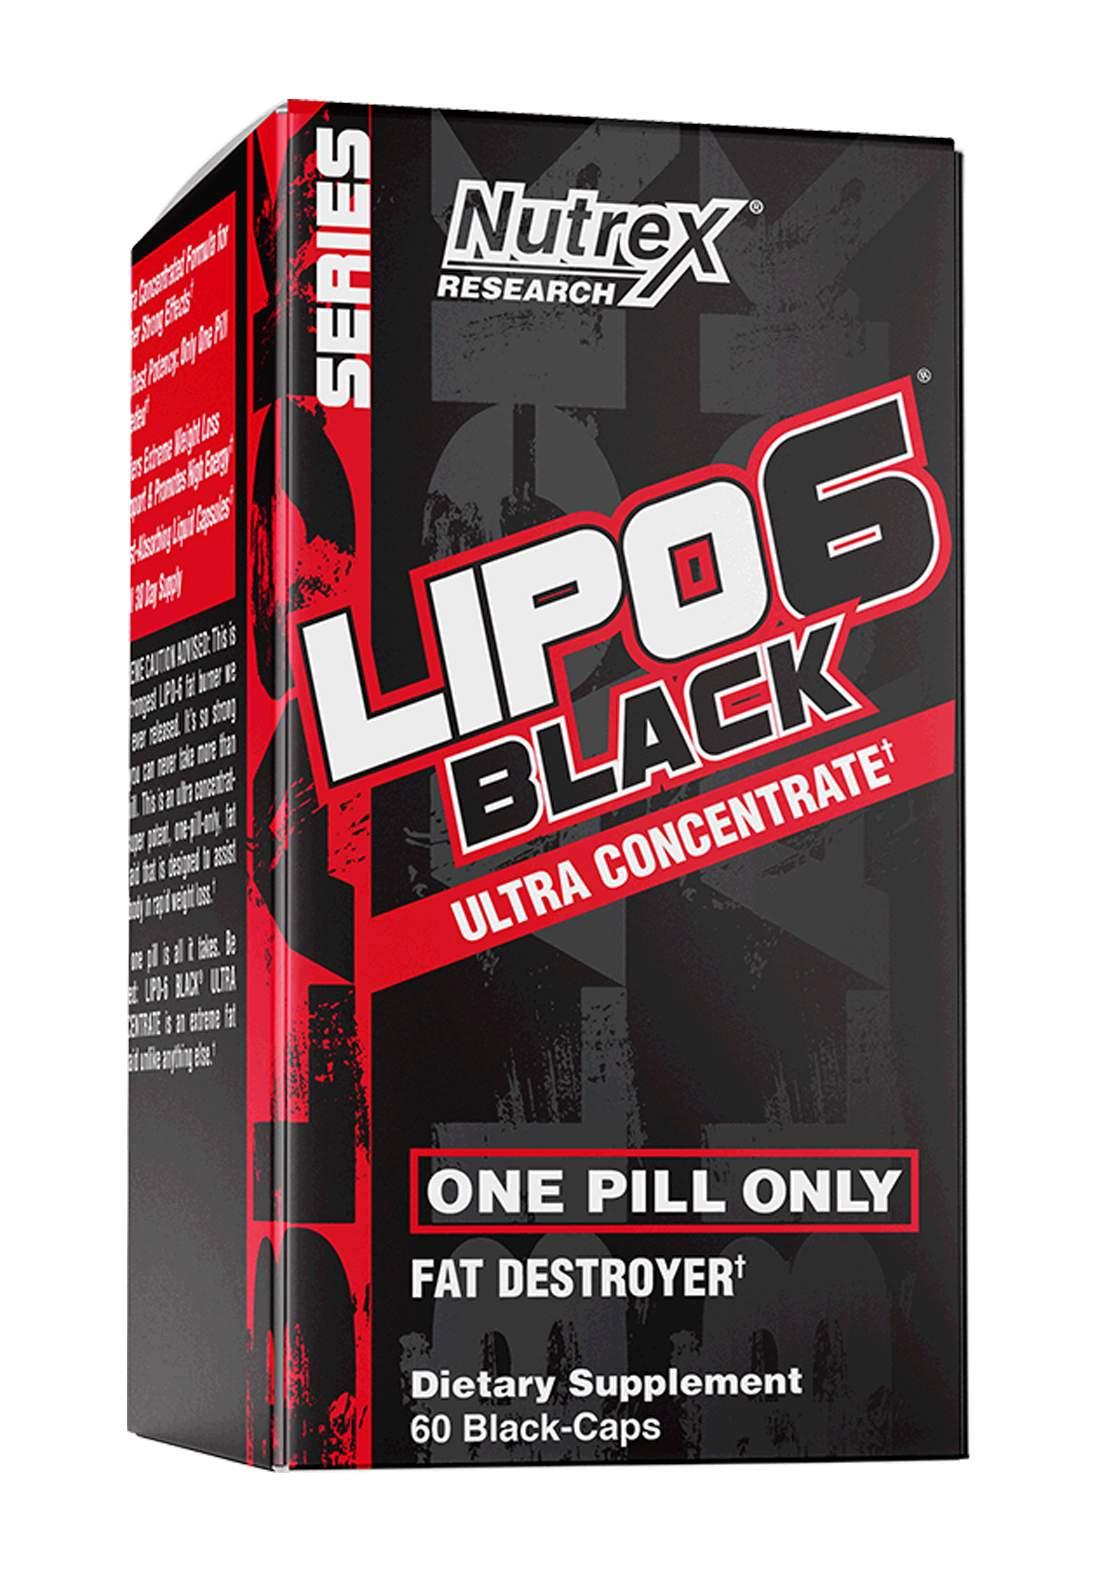 Nutrex Lipo 6 Black 60 Capsules 295mg  مكمل غذائي  حارق للدهون